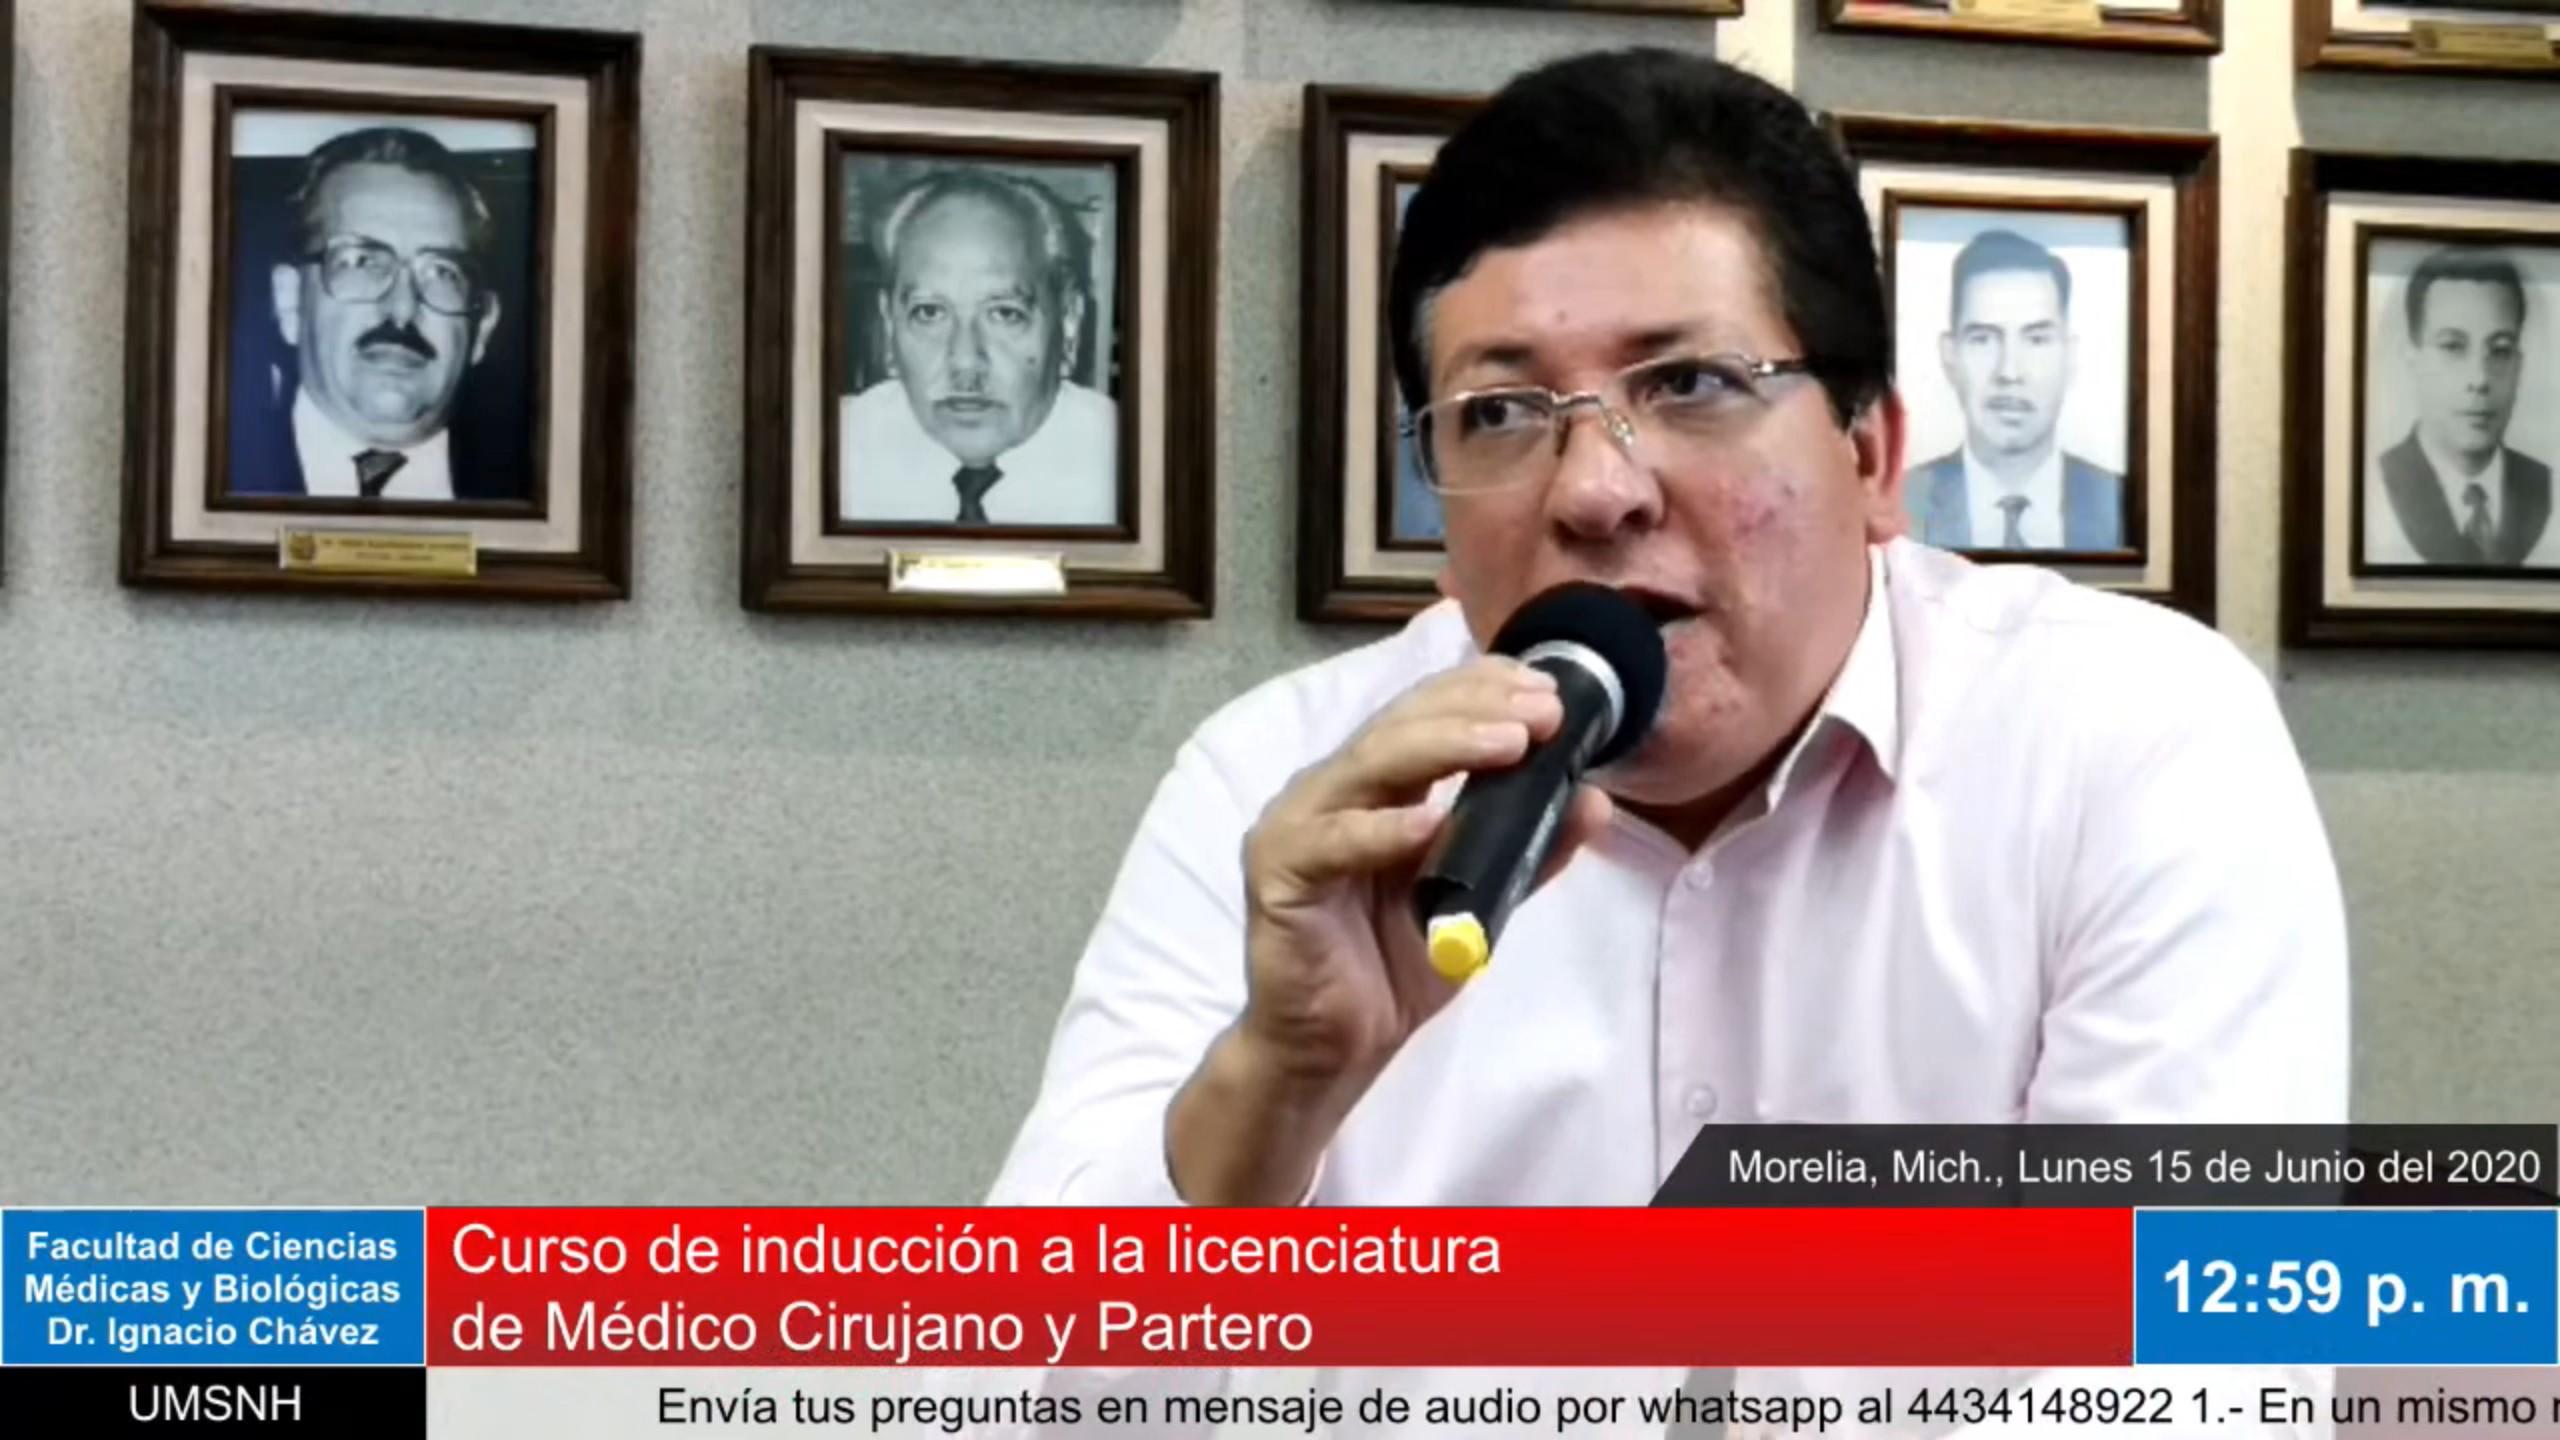 Transmisión del tercer Curso de Inducción a la Licenciatura de Médico Cirujano y Patero